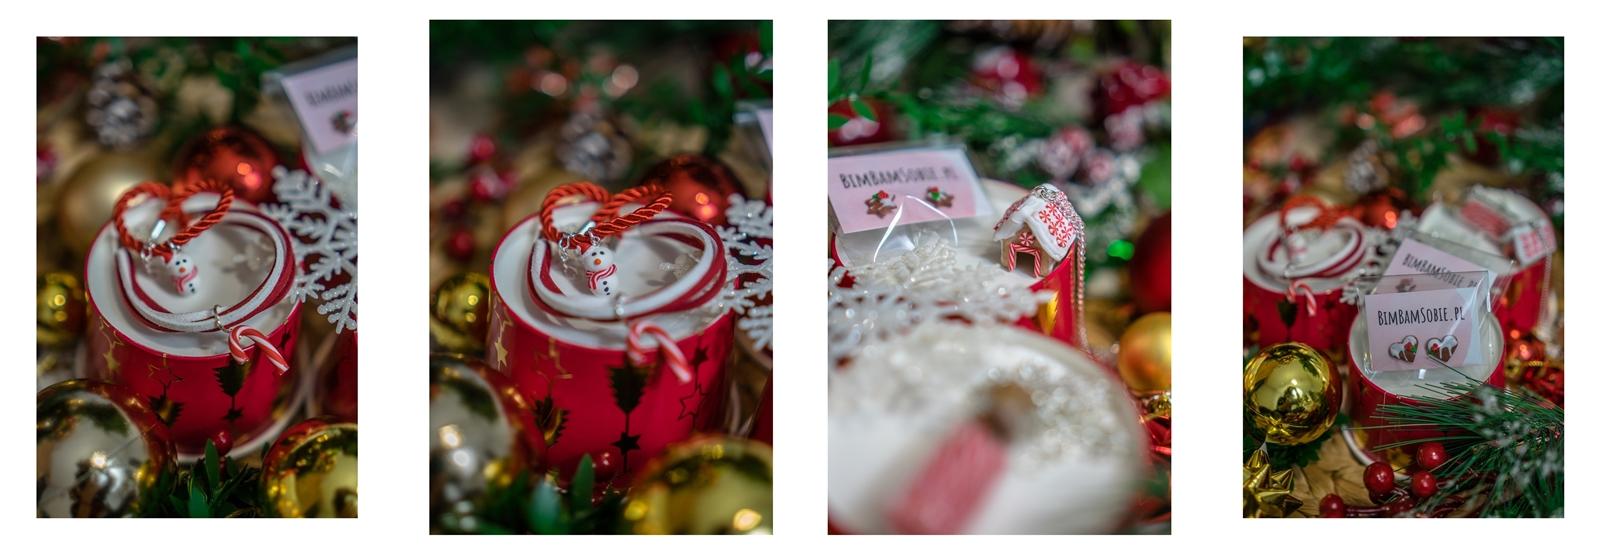 9 Czy prezenty daje się z metką, biżuteria personalizowana, prezent z grawerem z imieniem, jaka bizuteria pod choinke, bożonarodzeniowe prezenty, gwiazdkowe, mikolajkowe pod choinkę przesądy